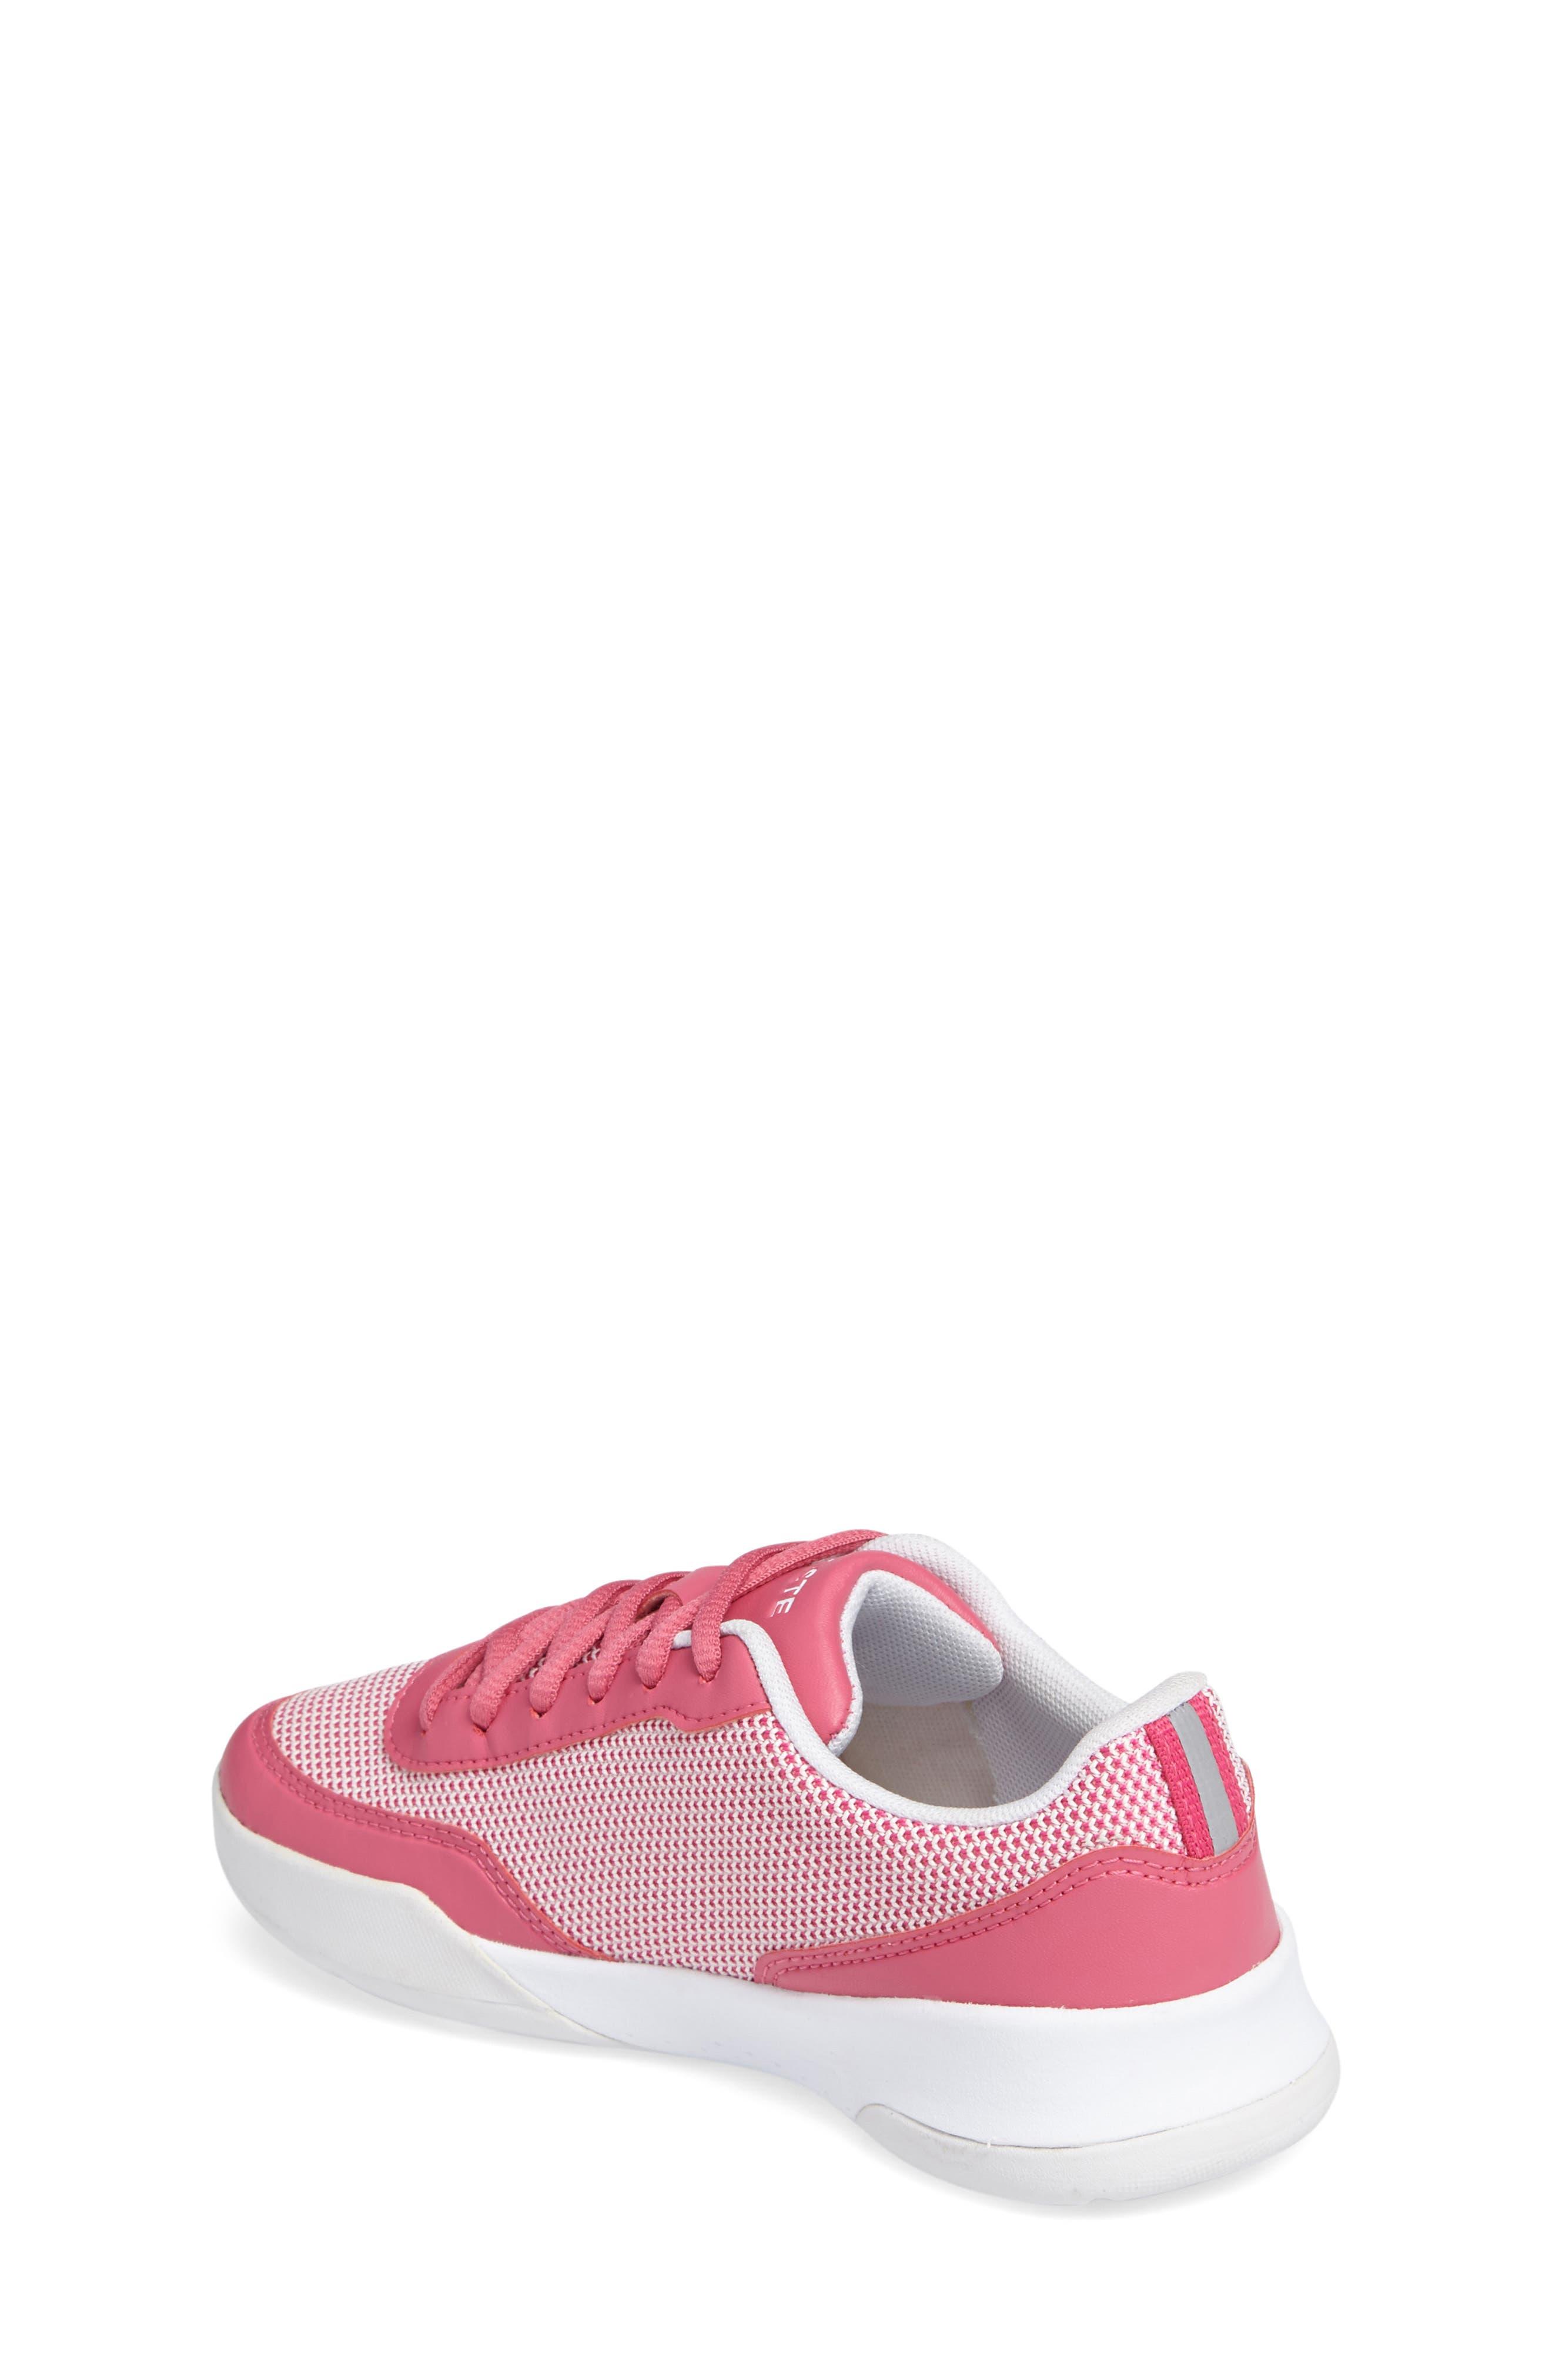 LT Spirit Woven Sneaker,                             Alternate thumbnail 2, color,                             662